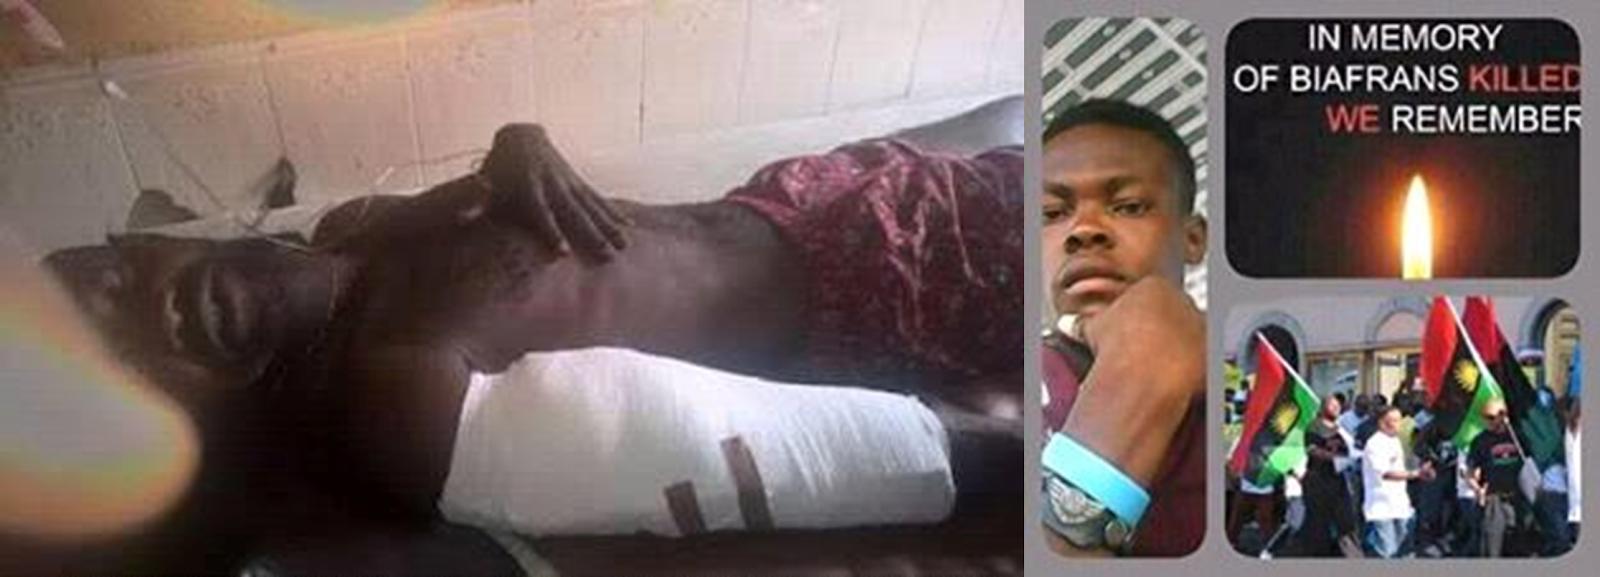 IPOB Protest: Apprentice, Trader Shot Dead in Aba, Say Eye